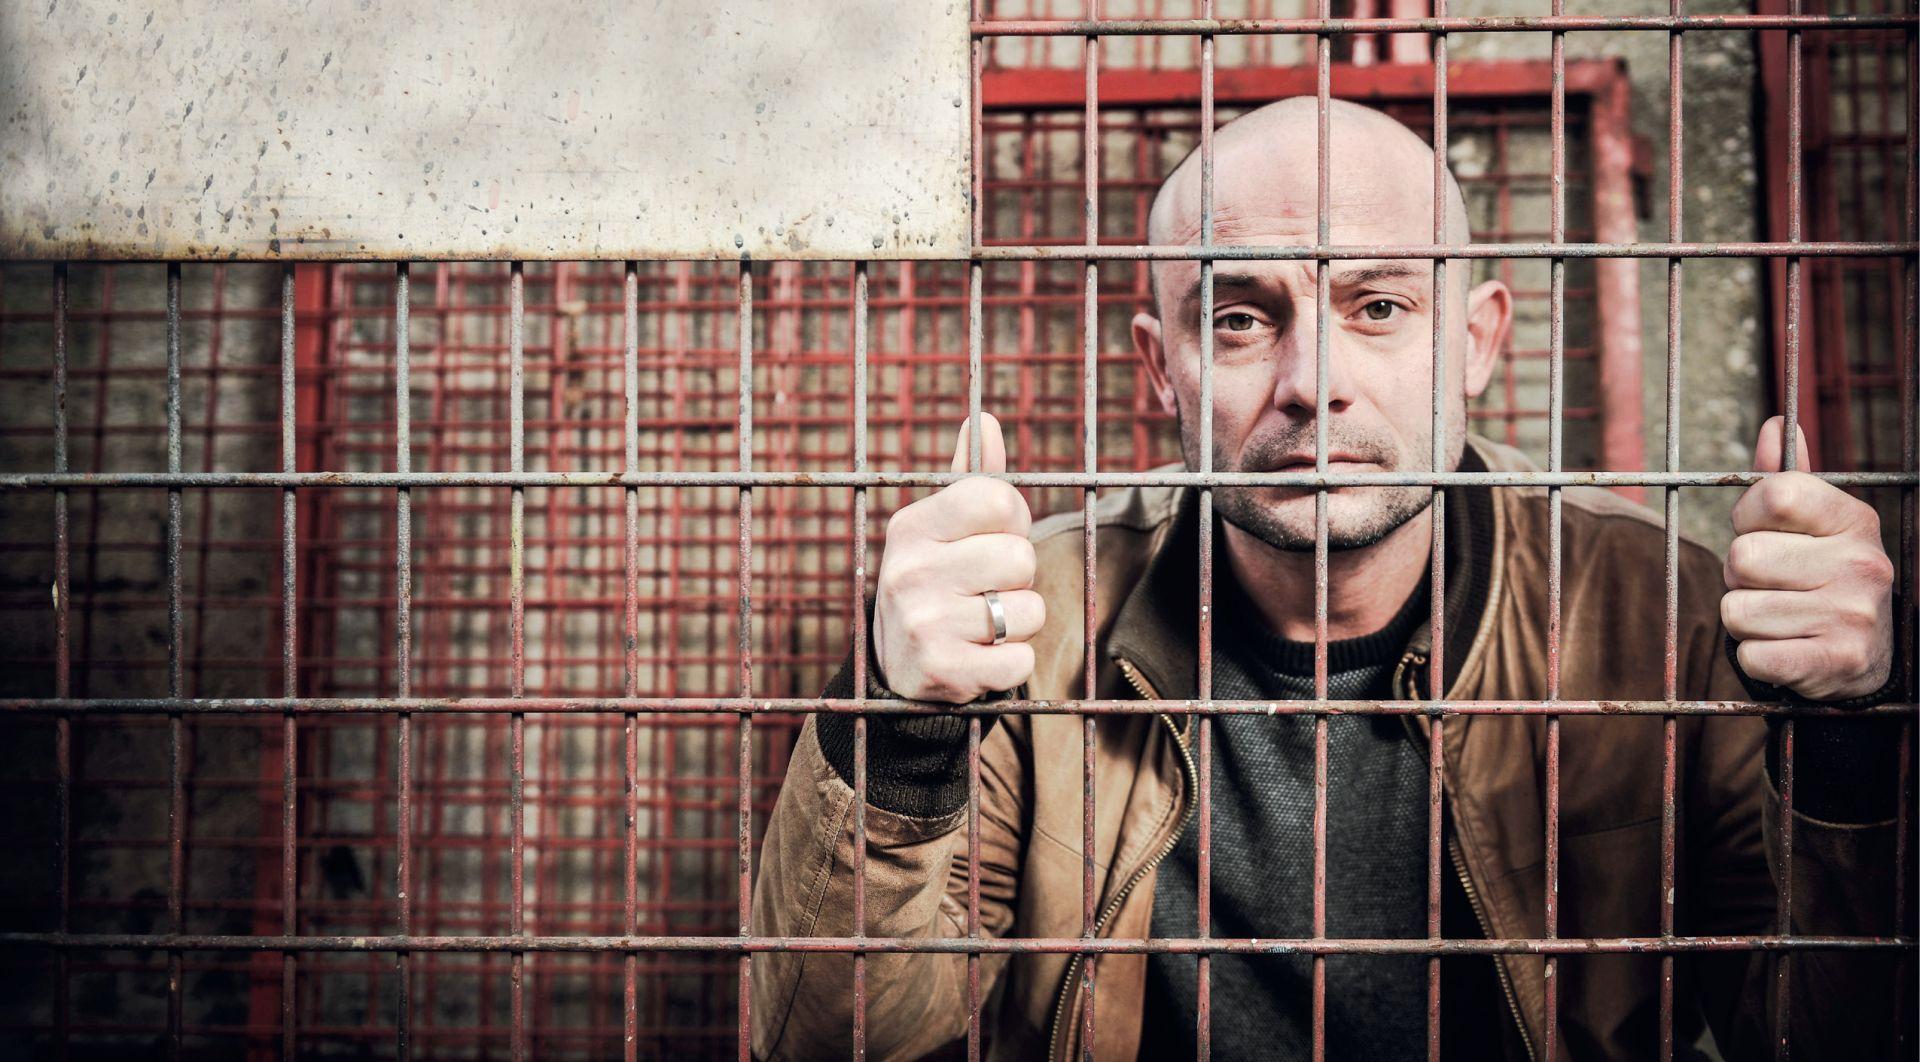 INTERVIEW: DEAN KRIVAČIĆ 'Ministar kulture Hasanbegović je ustaša! Zašto se toga srami?'